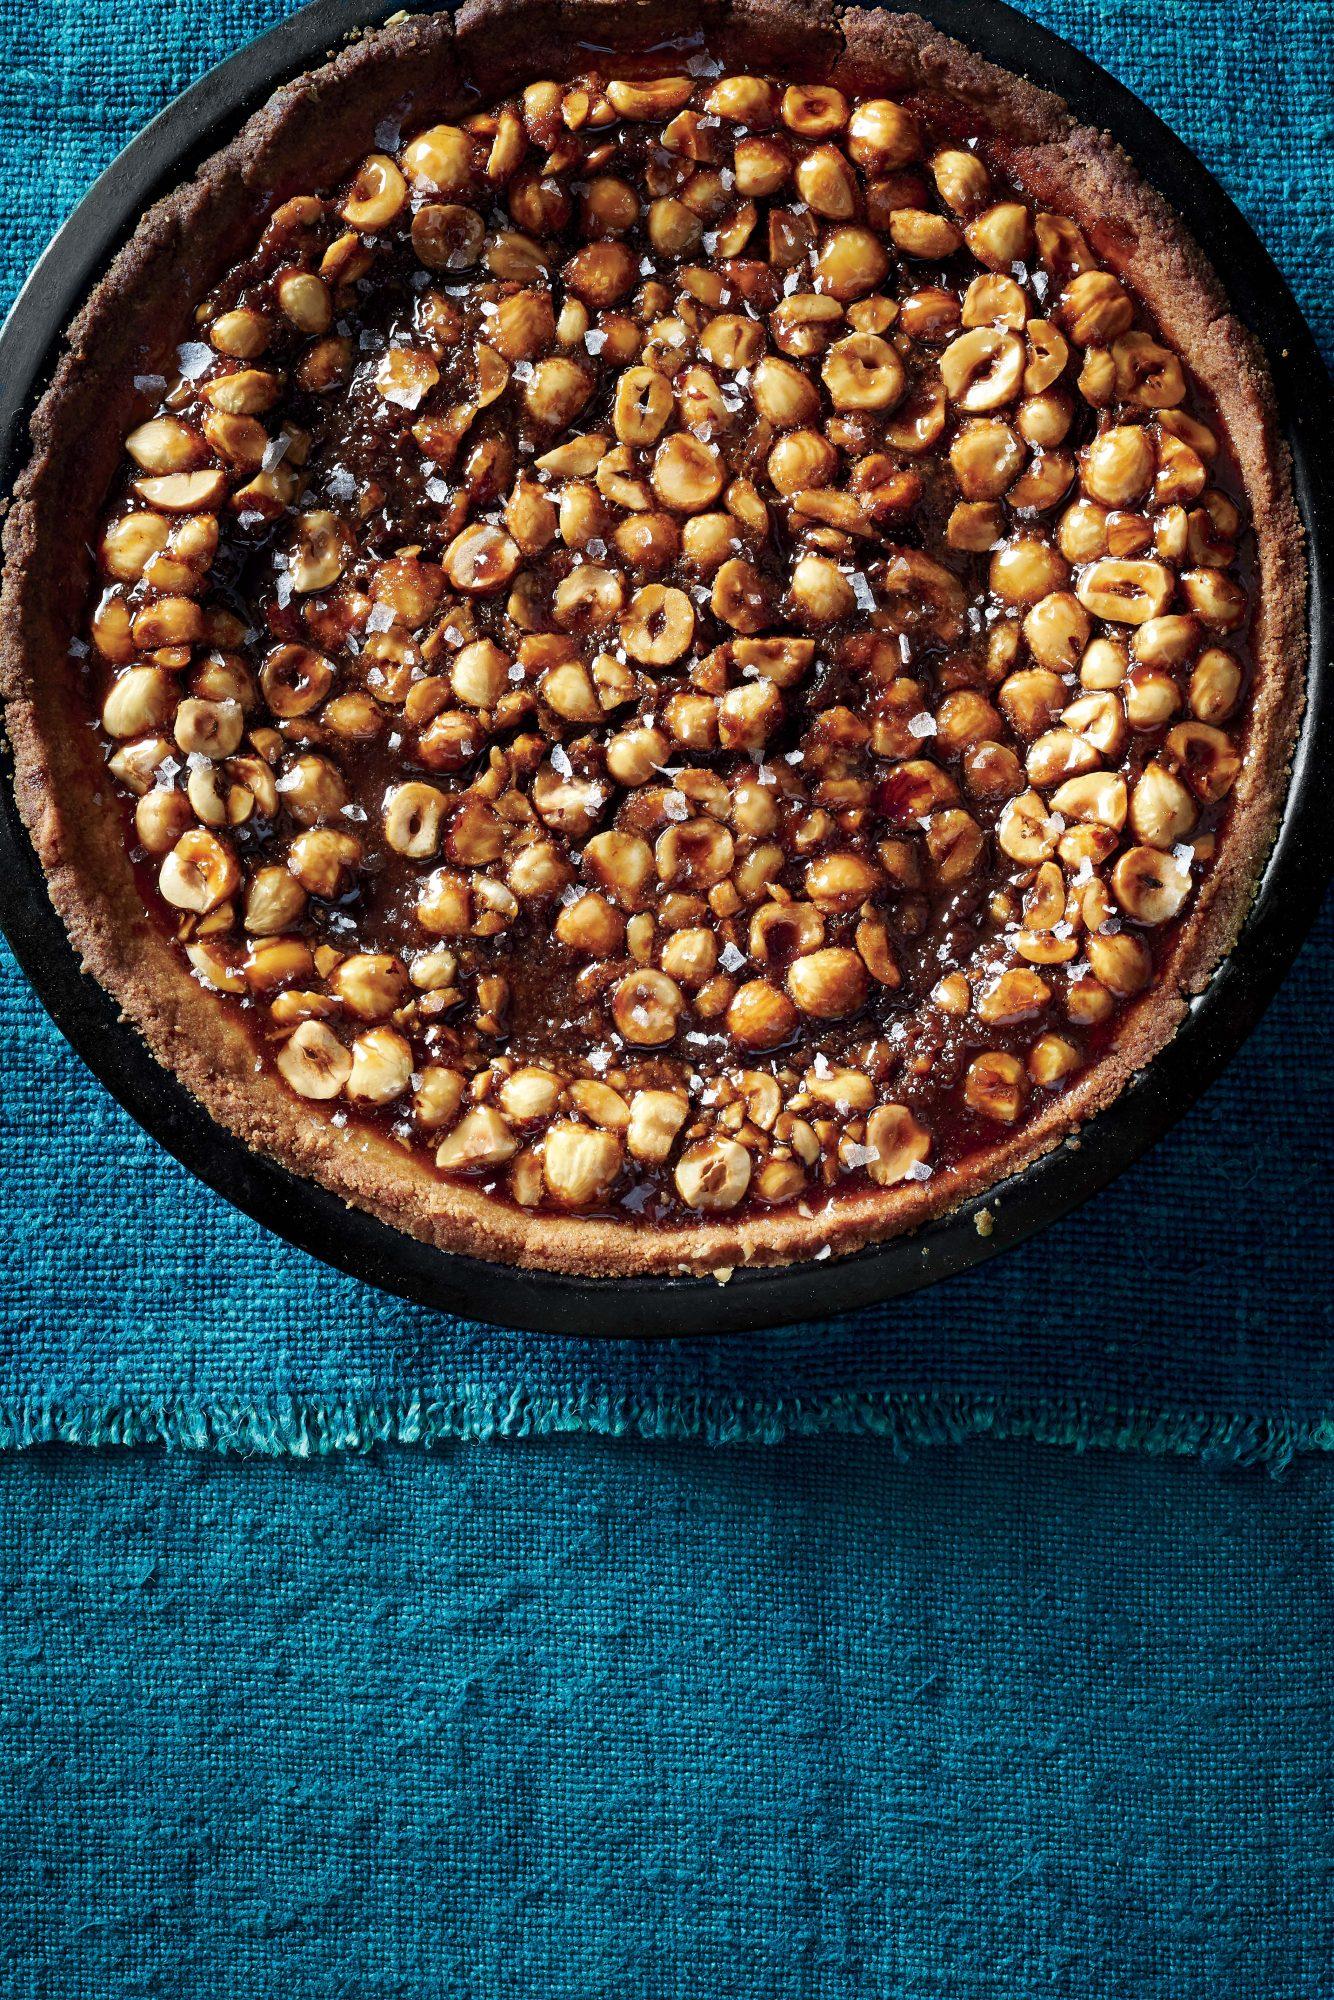 Coffee-Hazelnut Pie